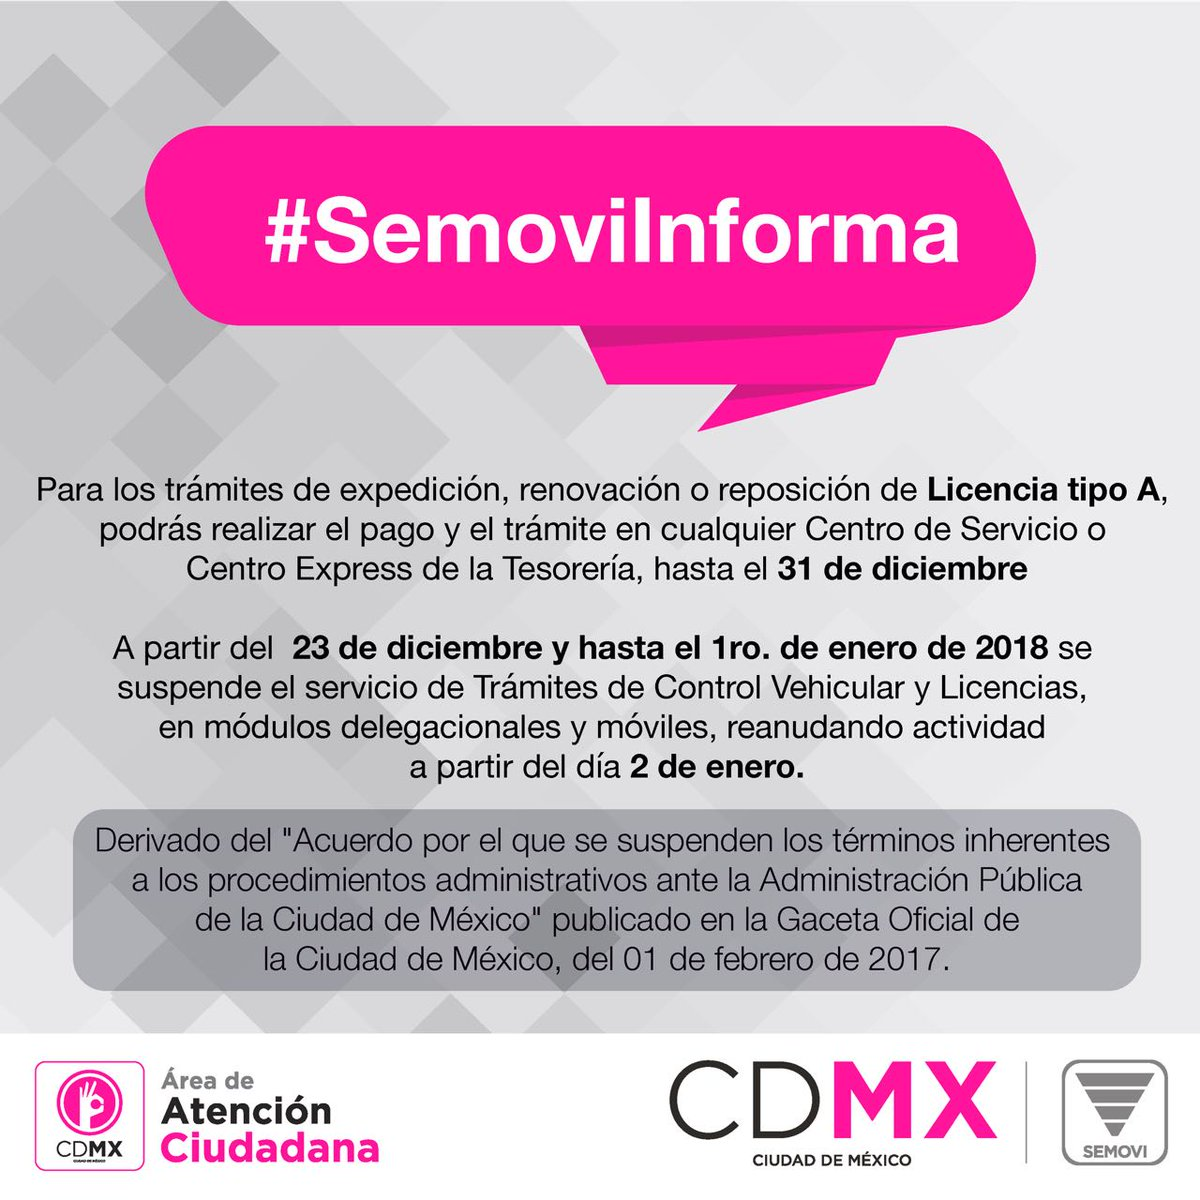 Secretaría De Movilidad Cdmx On Twitter Sí Puede Realizar